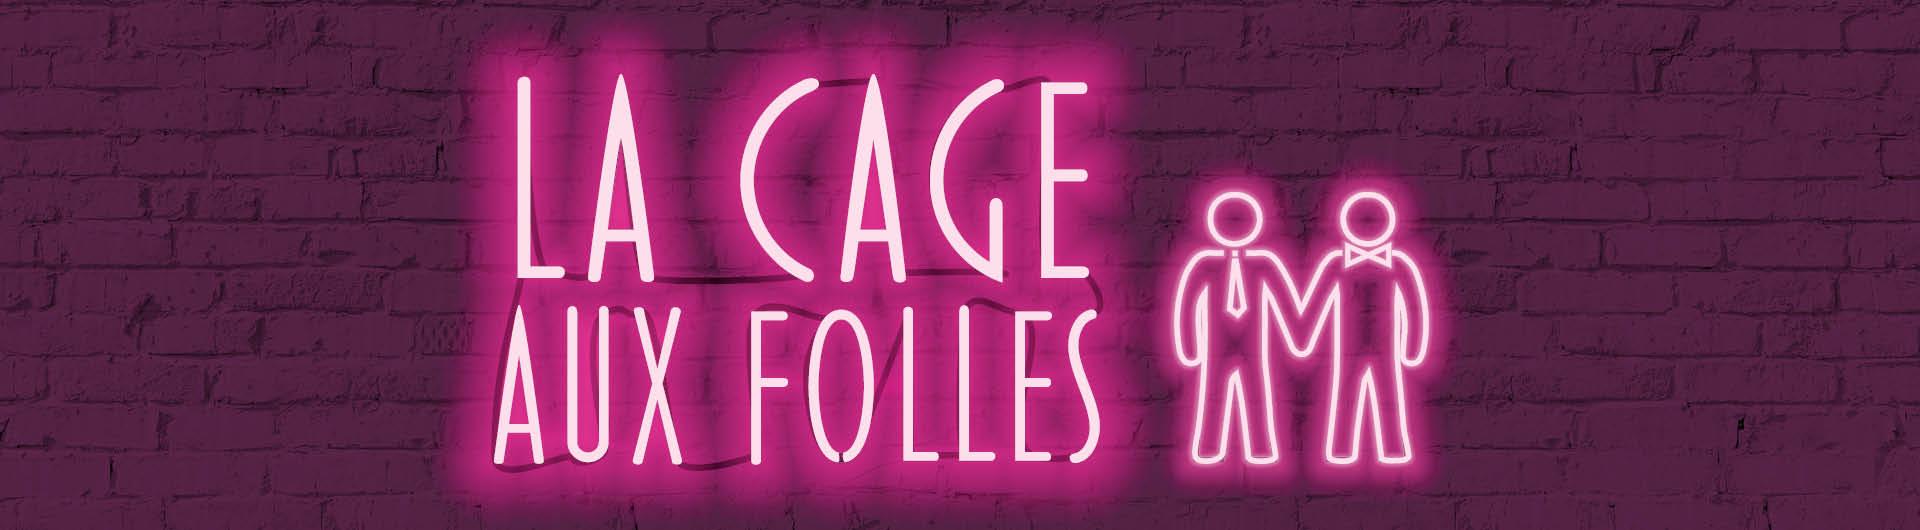 La Cage Aux Folles neon sign